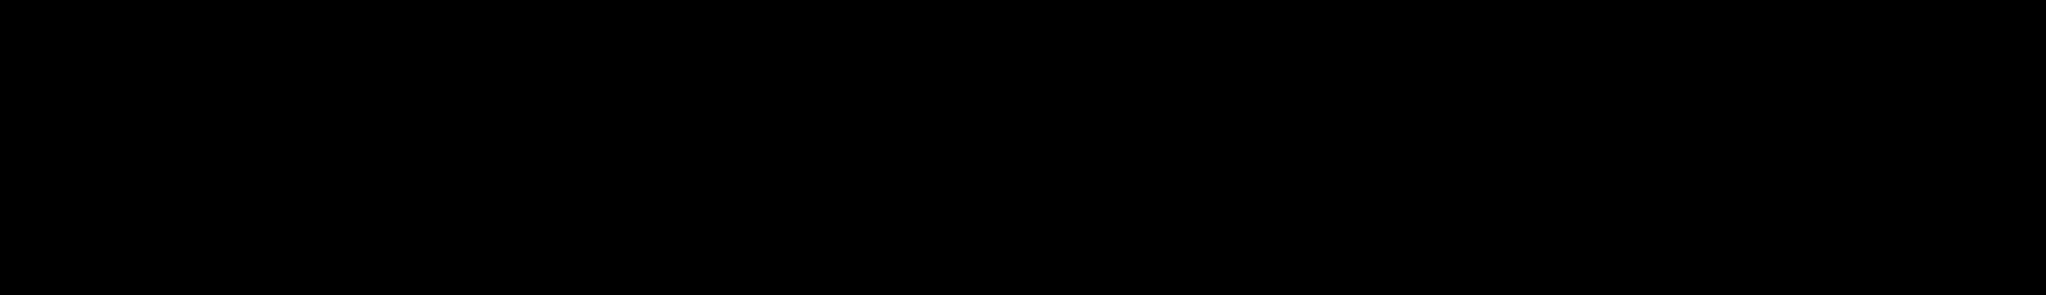 logo_spicylips_black